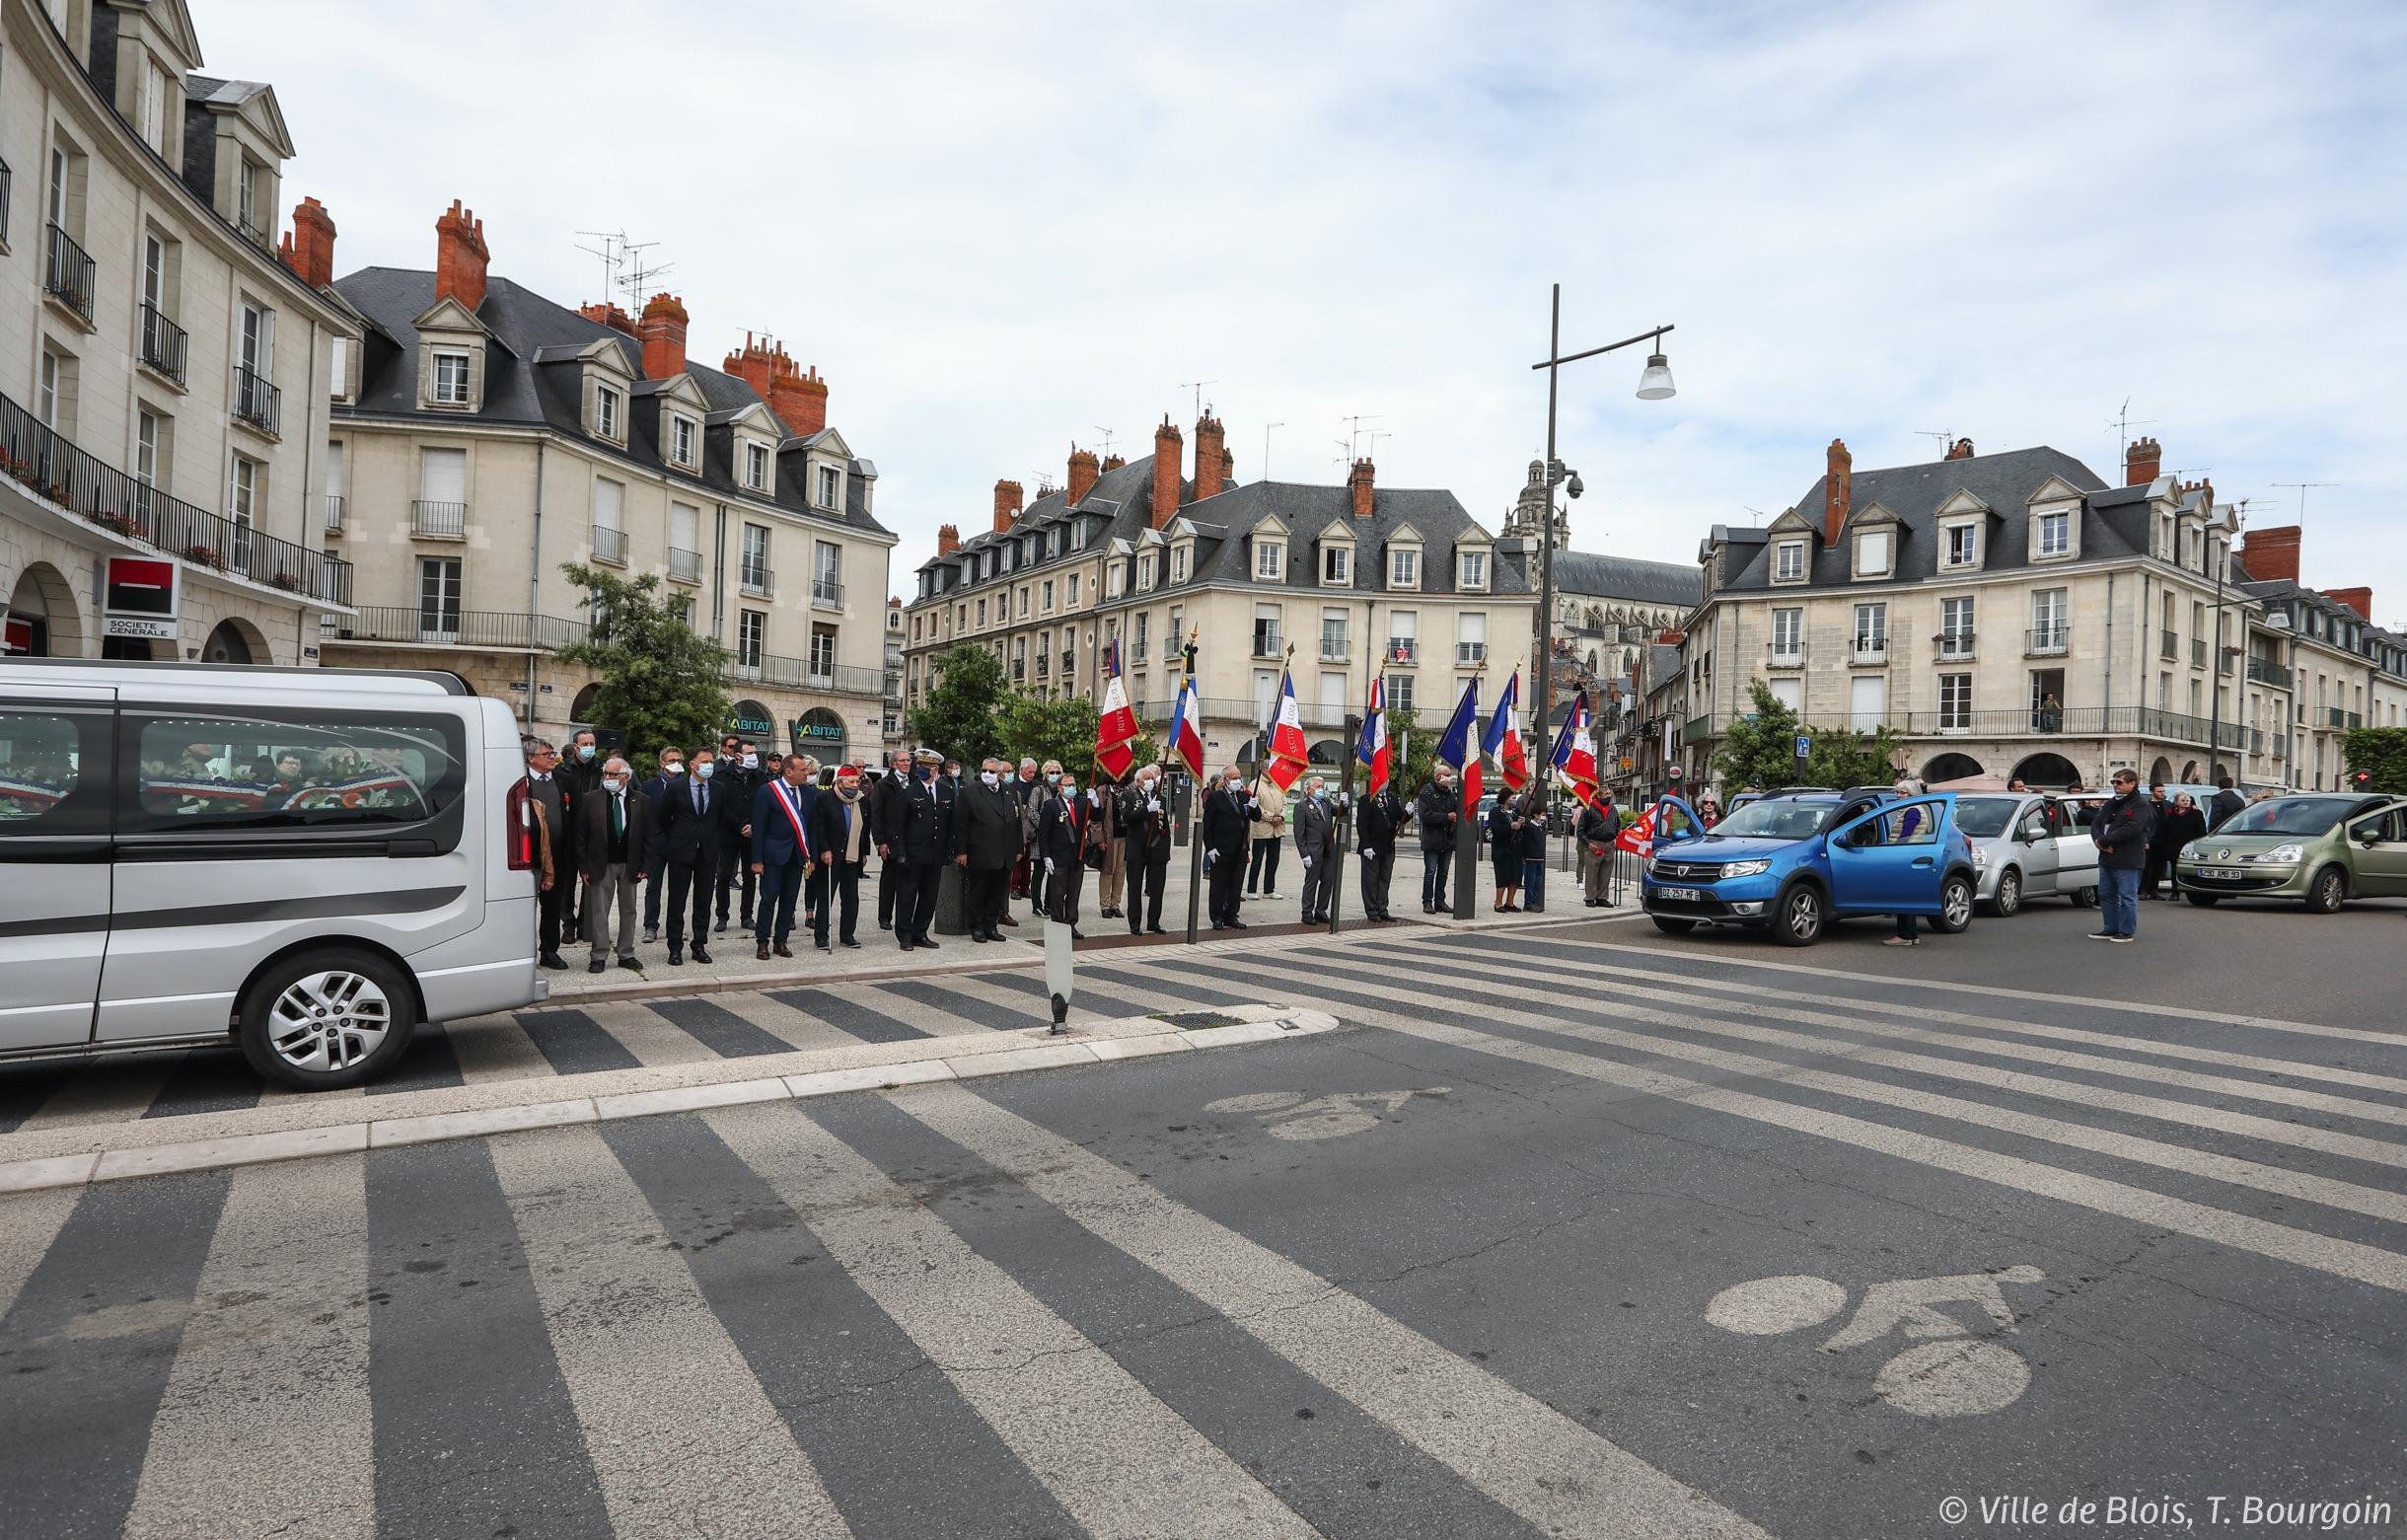 Le convoi funéraire de Cécile Rol-Tanguy longe une file de personnes venues lui rendre hommage, dont le maire et le préfet.